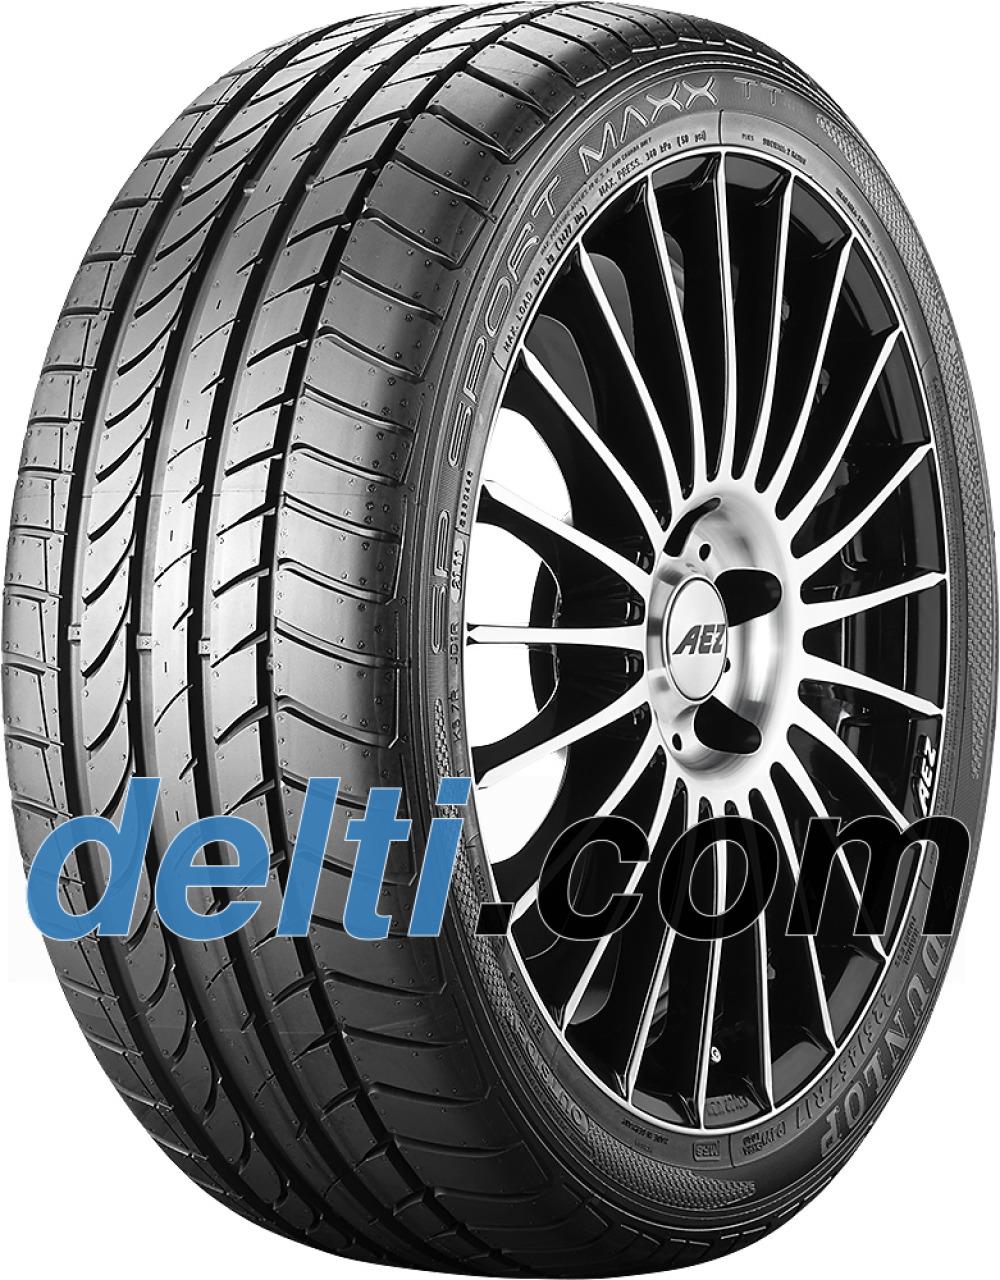 Dunlop SP Sport Maxx TT ( 235/55 ZR17 99Y Faible résistance au roulement, avec protège-jante (MFS) )